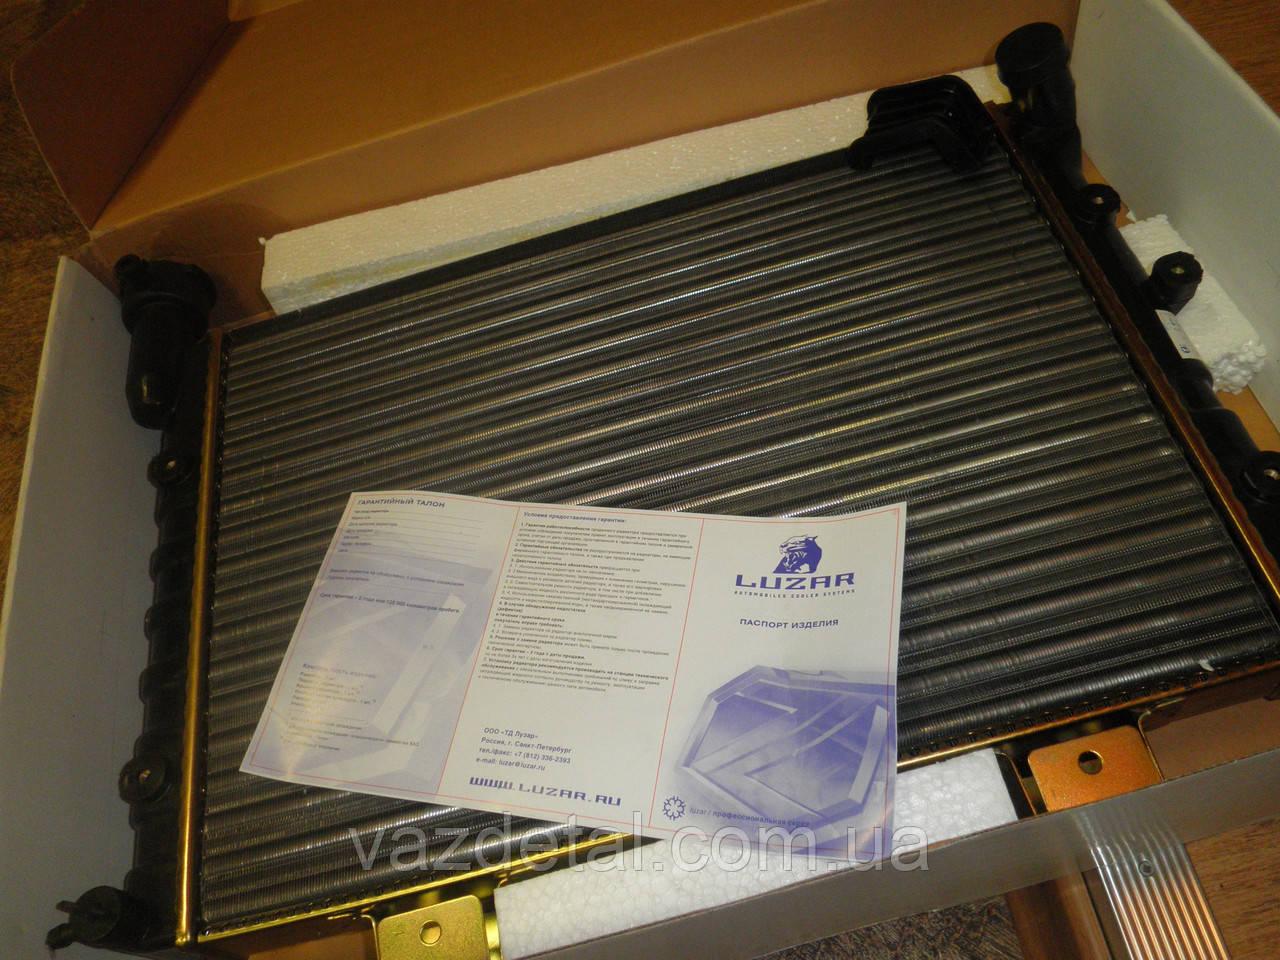 Радиатор охлаждения ВАЗ 2104 2105 21073 инжектор Лузар